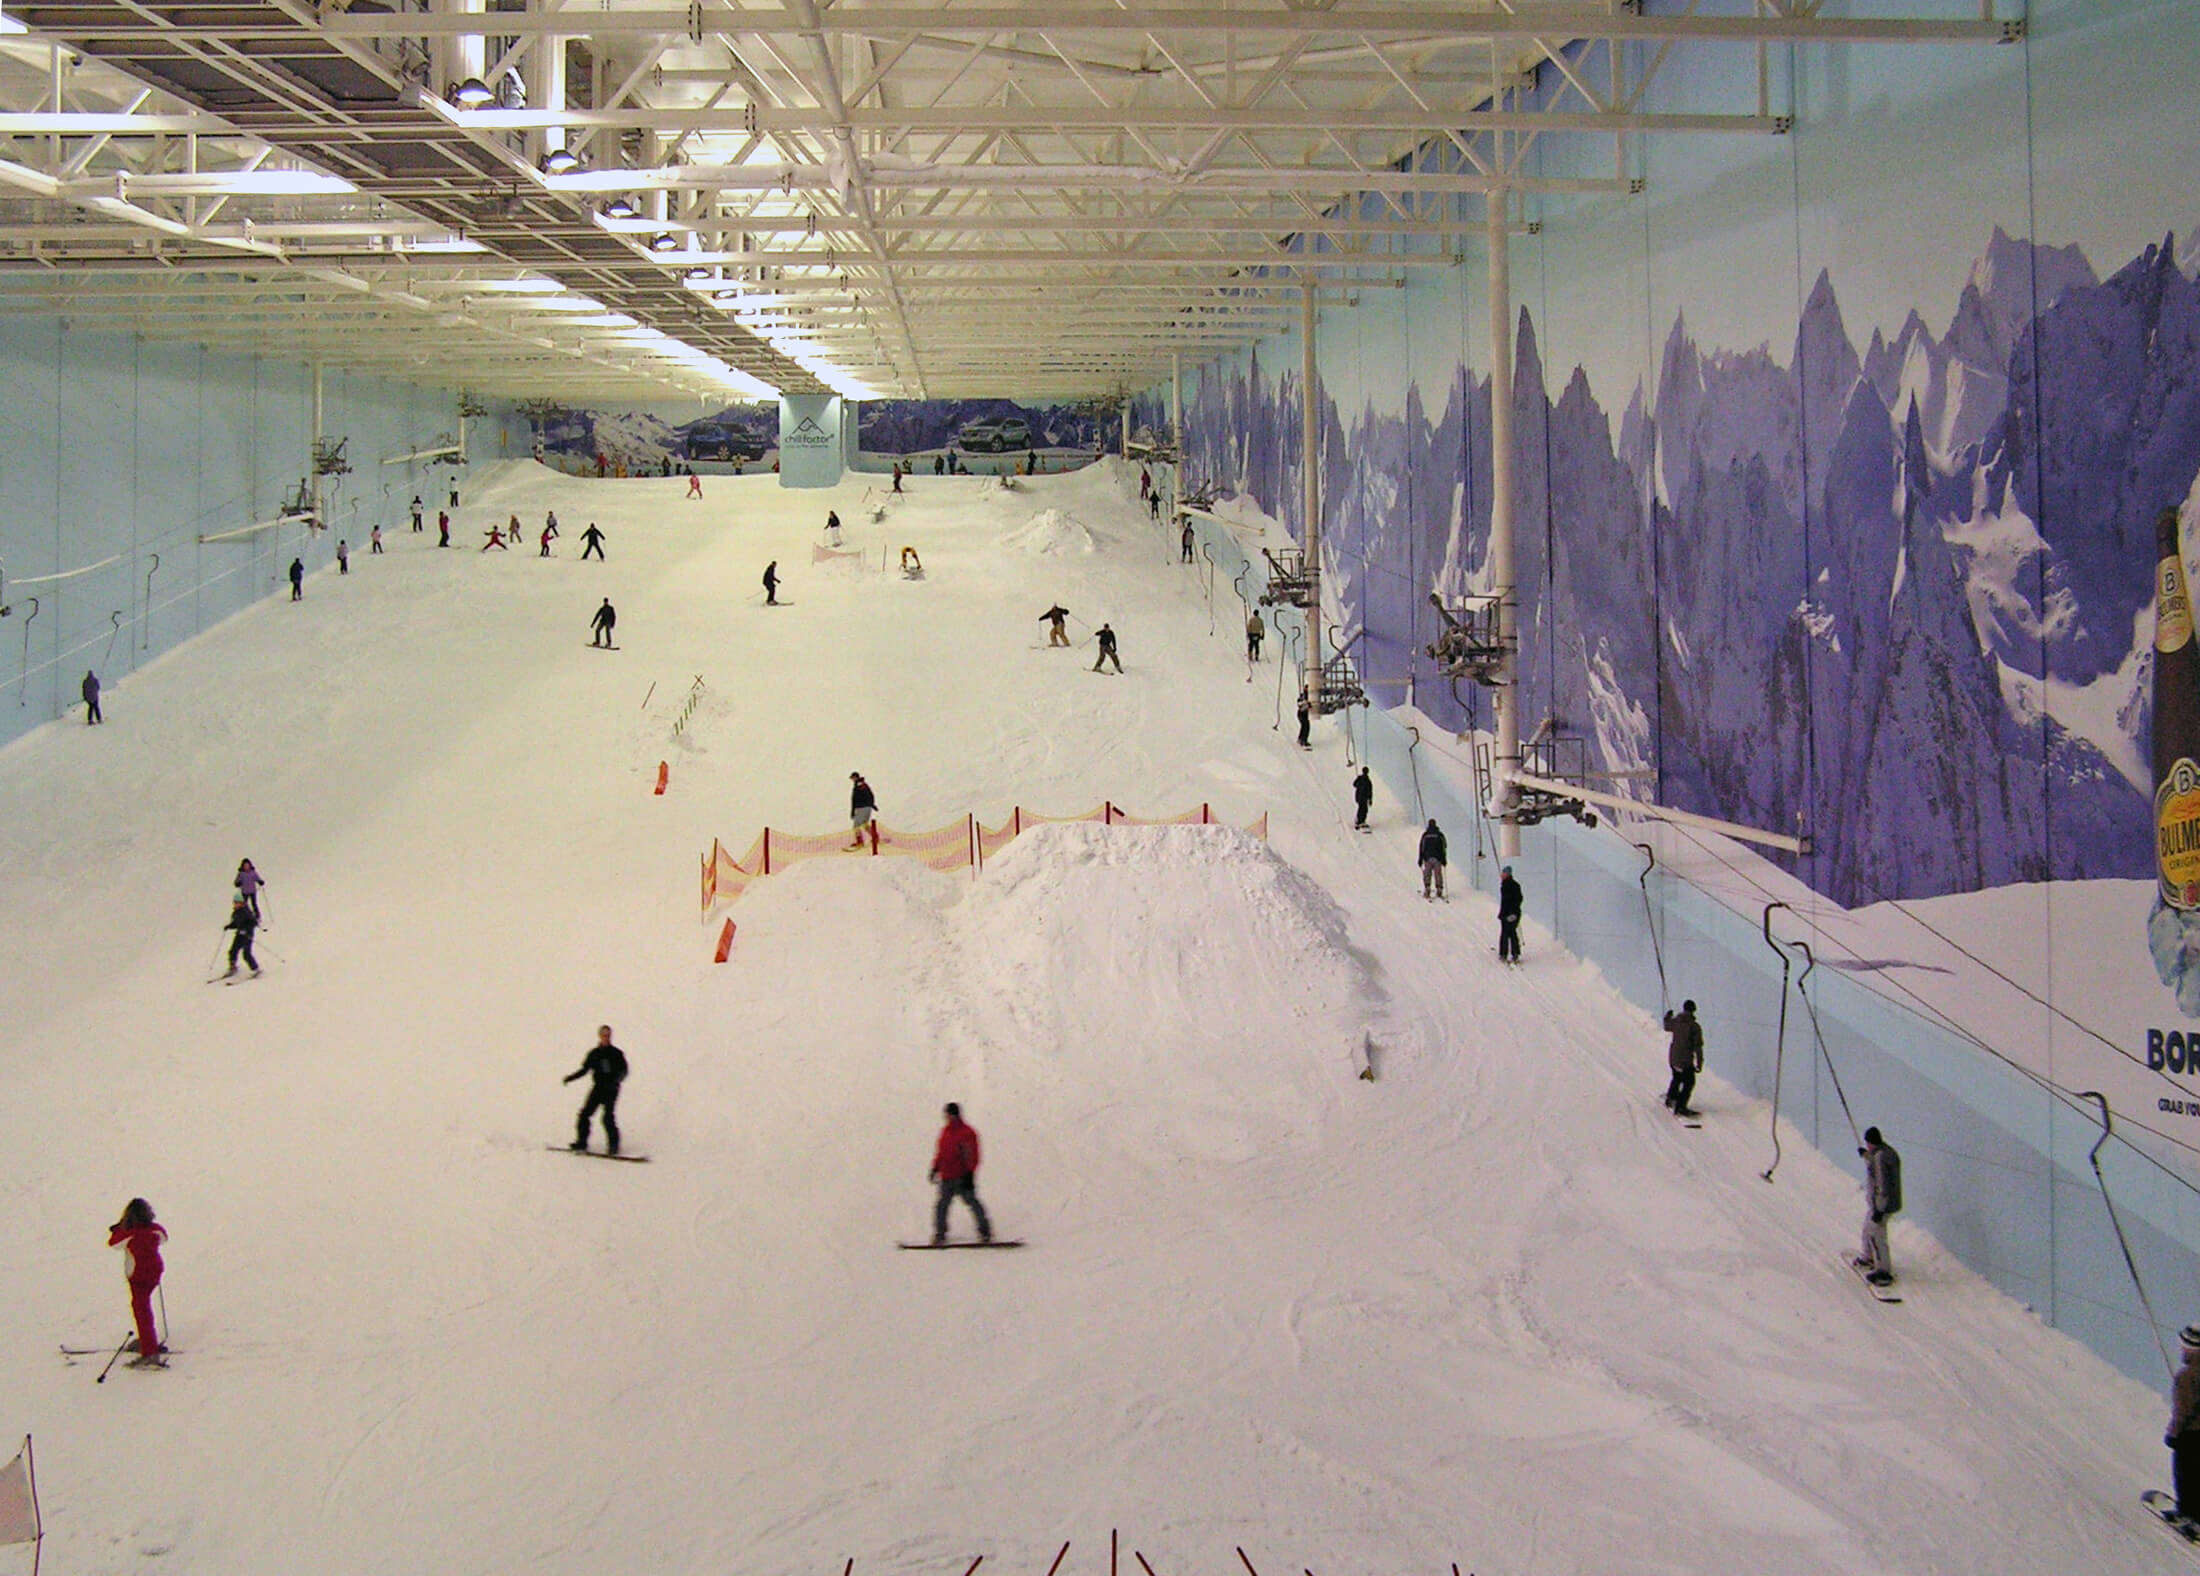 Best indoor ski slopes